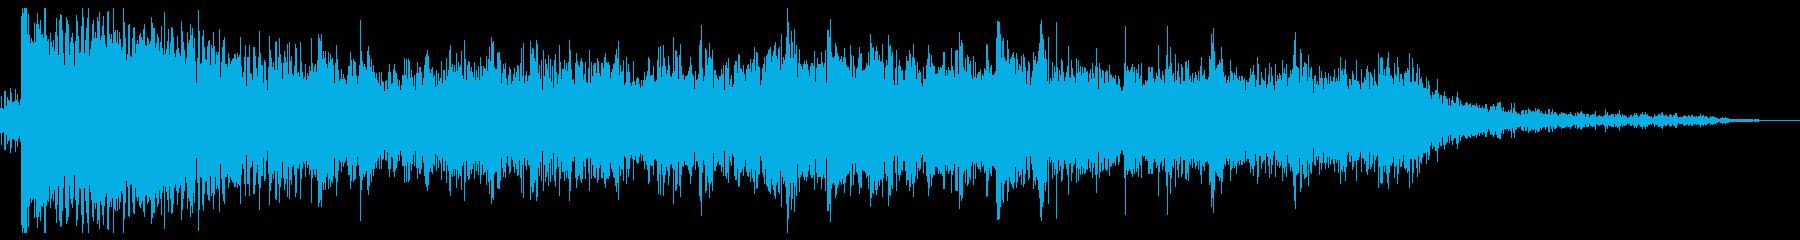 バッドエンディング ホラーは続く…の再生済みの波形